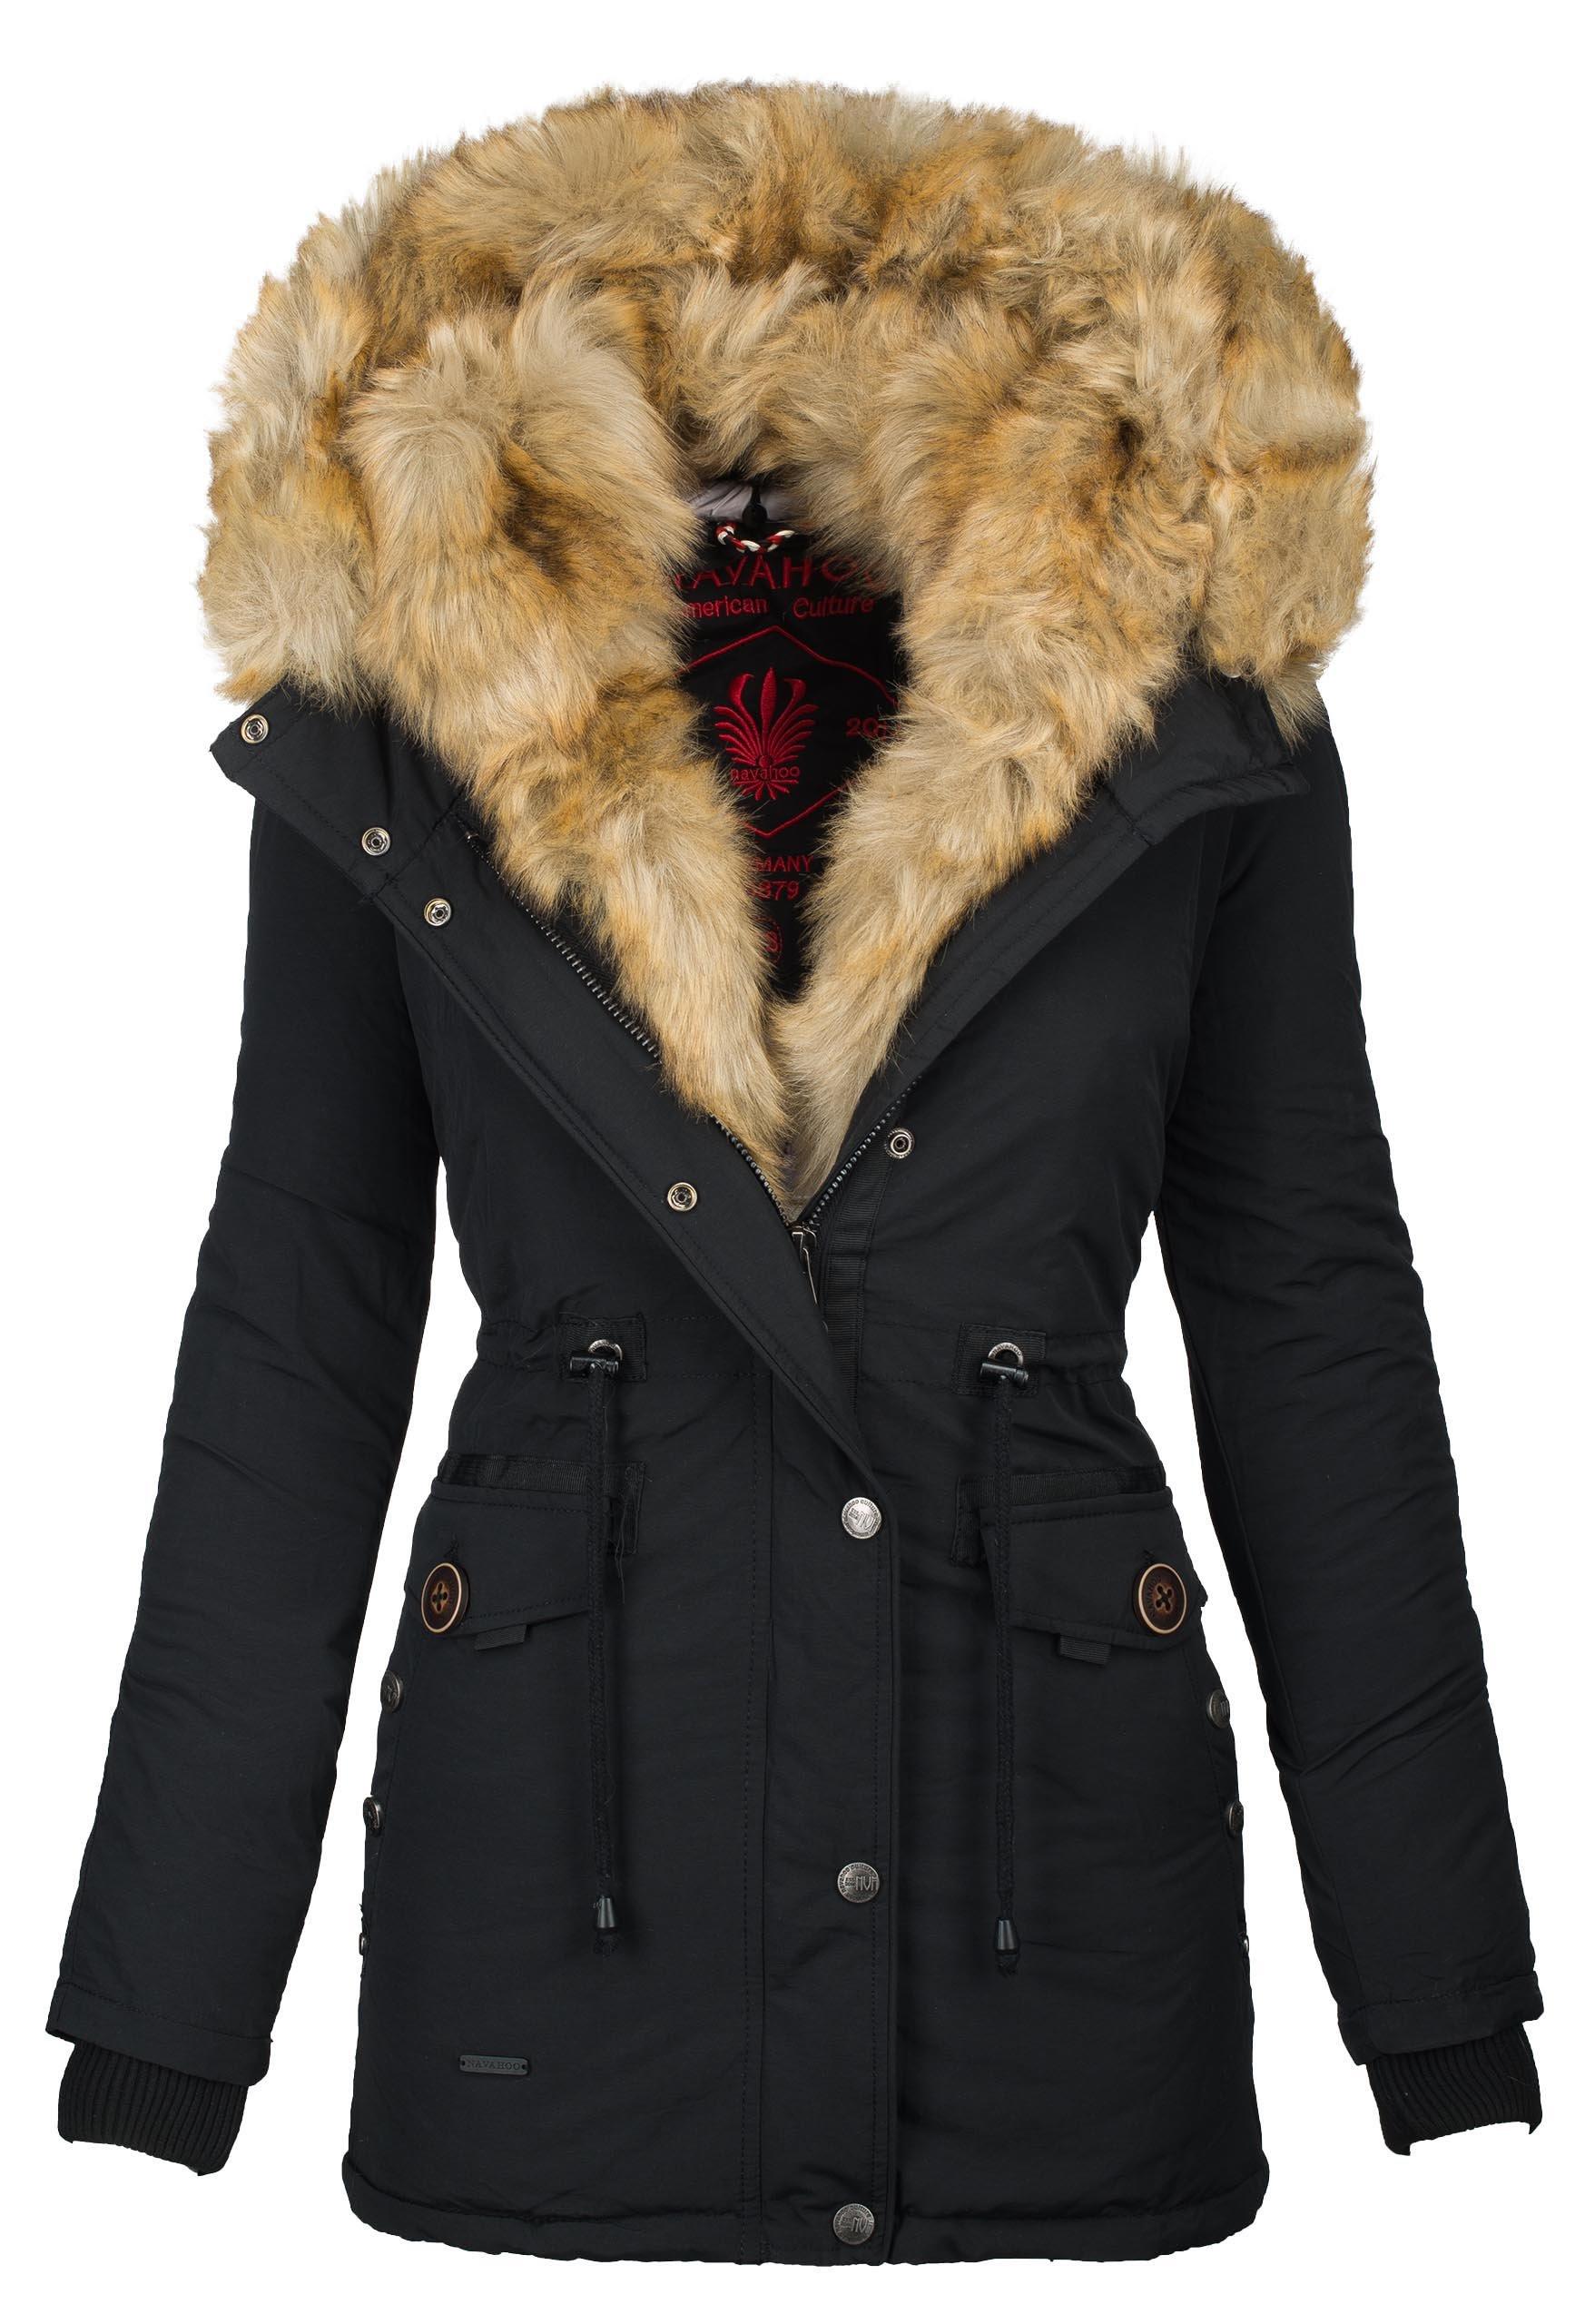 newest collection 4e33c d2446 Navahoo 2in1 Damen Winter Jacke Parka Mantel Winterjacke warm Fell B365